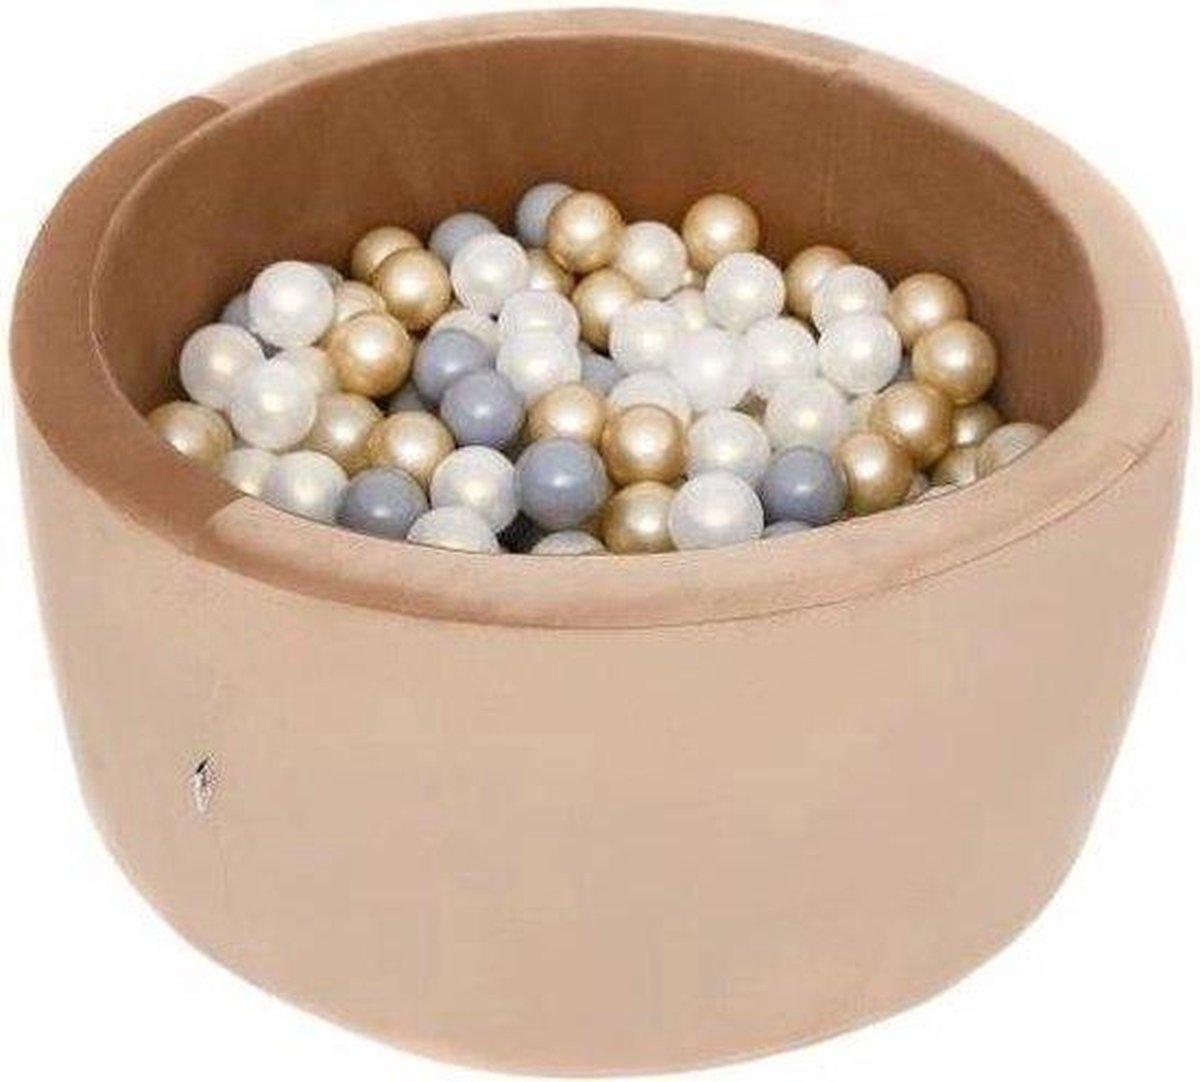 Ronde Ballenbad 90x40 Velvet Goud - Ballenbak met 300 ballen - Goud, Wit, Grijs - Ballenbad baby - Ballenbak met ballen - Ballenbad Rond - Ballenbad